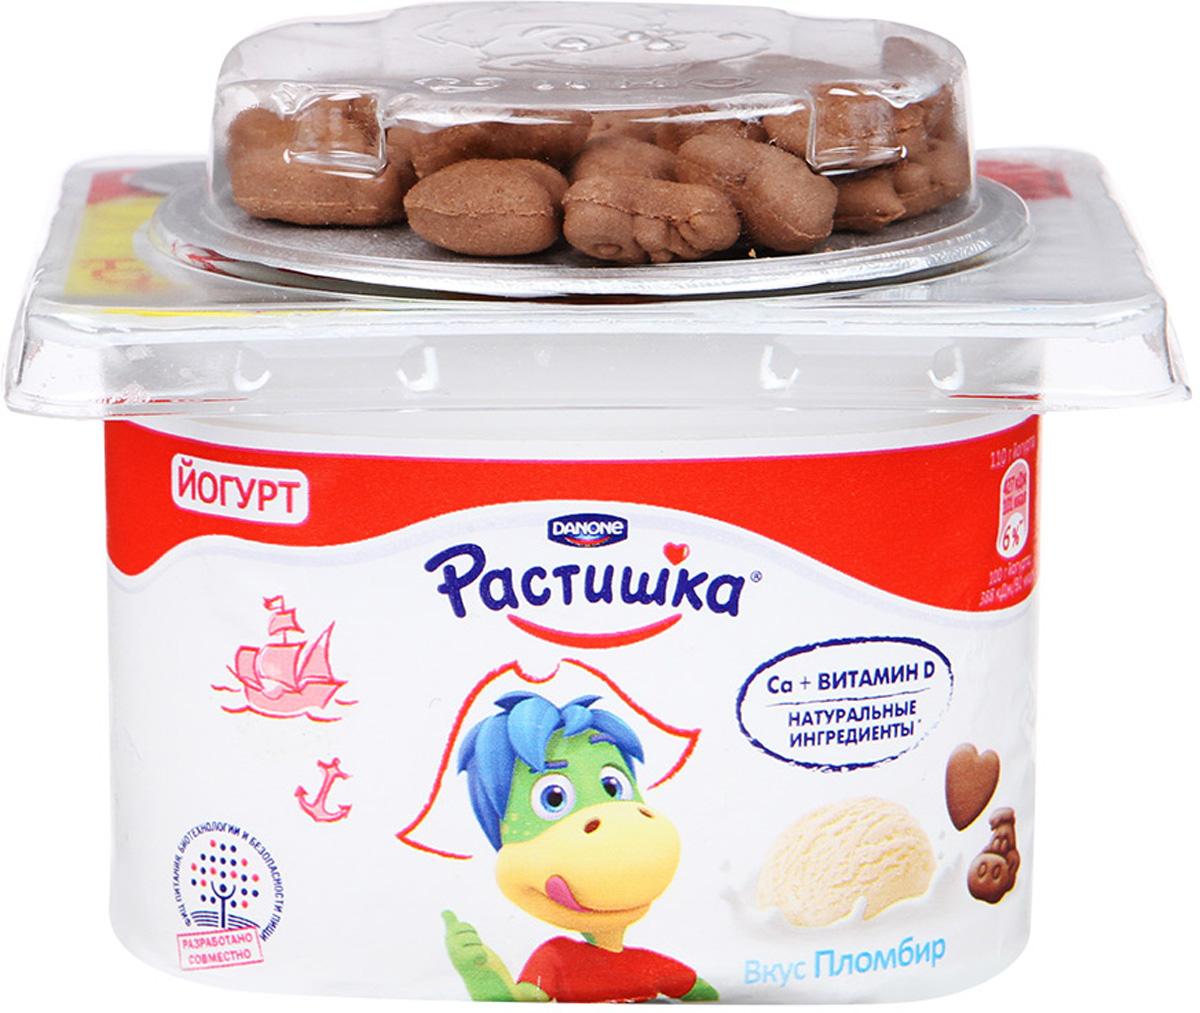 Растишка Йогурт густой Пломбир с печеньем 3%, 115 г дезсредства в г чите